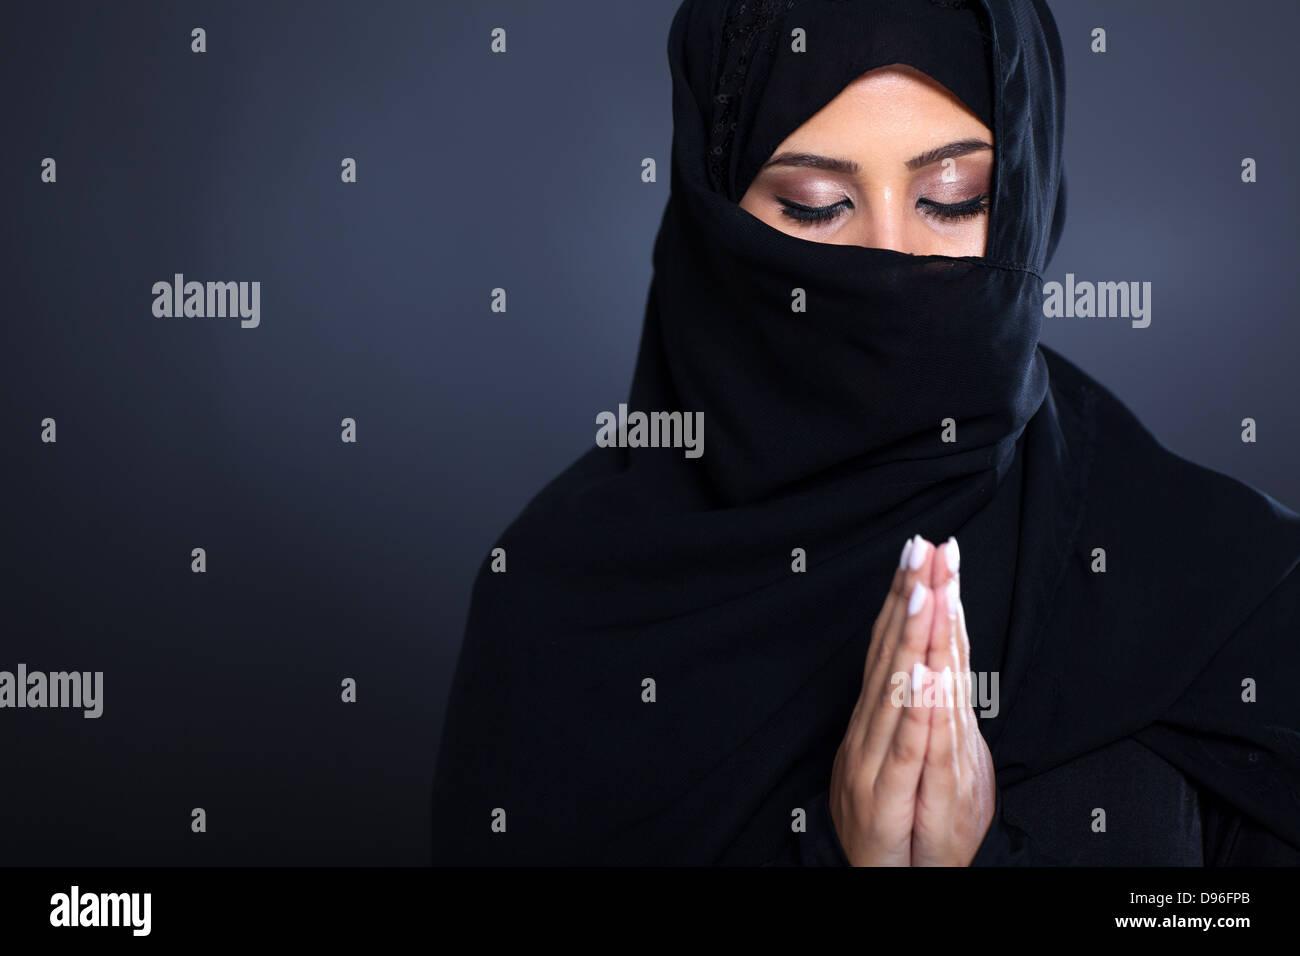 Moyen-orientale mystérieuse femme en prière sur fond noir Photo Stock